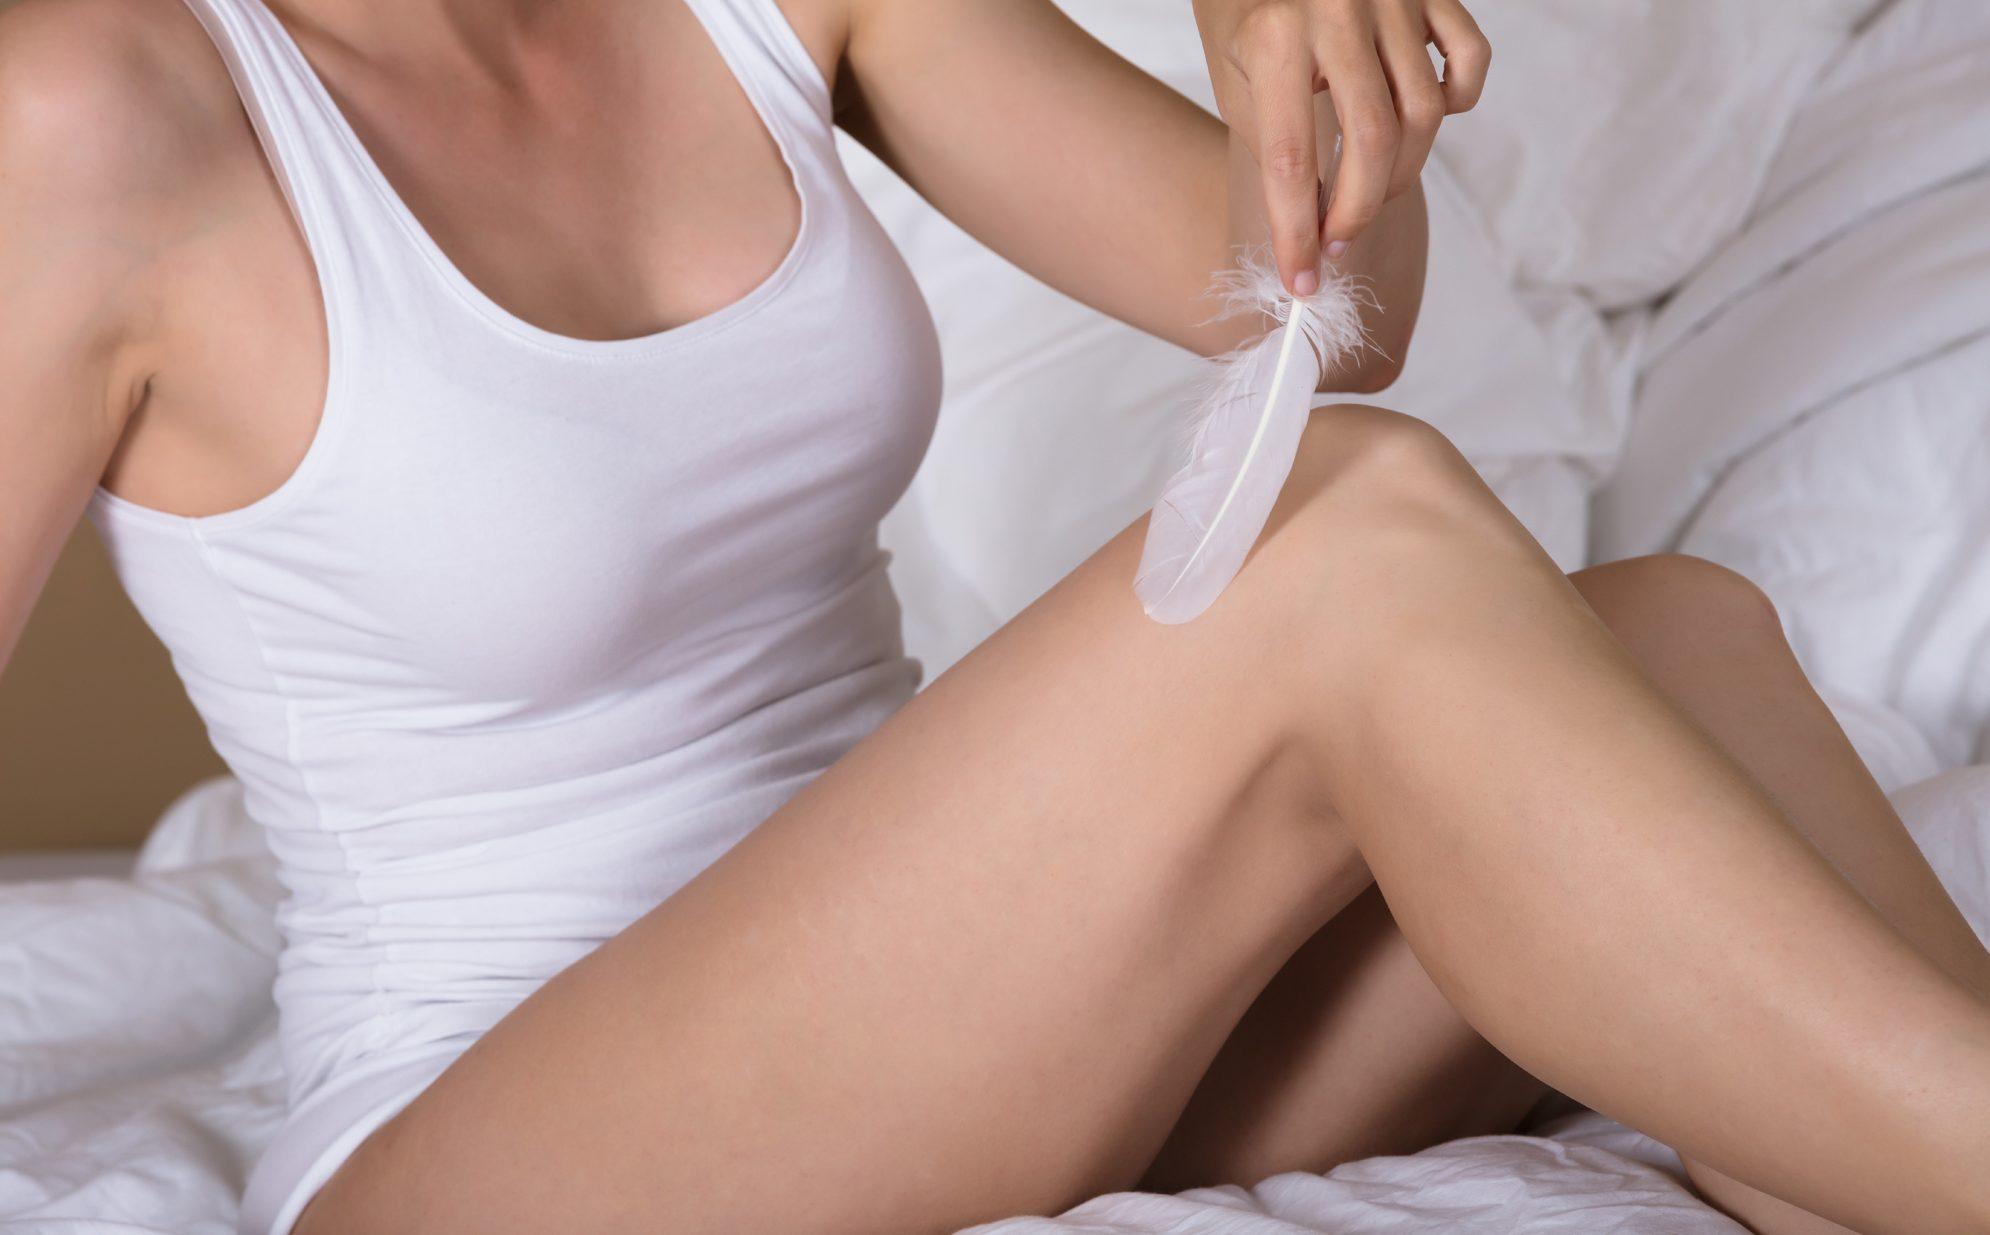 lugter, vagina, lugt, skede, normal, unormal, legeme, underliv, hormonelle udsving, menstruation, sex, graviditet, sur, syre, base, metallisk, dåse, ph værdi, mad, løg, hvidløg, asparges, citrusfrugt, ananas, grape, duft, træning, moskus, p-piller, prævention, fisk, bakteriel ubalance, trichomonas, samleje, kløe, svie, udflåd, infektion, skedesvamp, klamydia, intim, intimsæbe, hygiejne, kondom, bakterier,